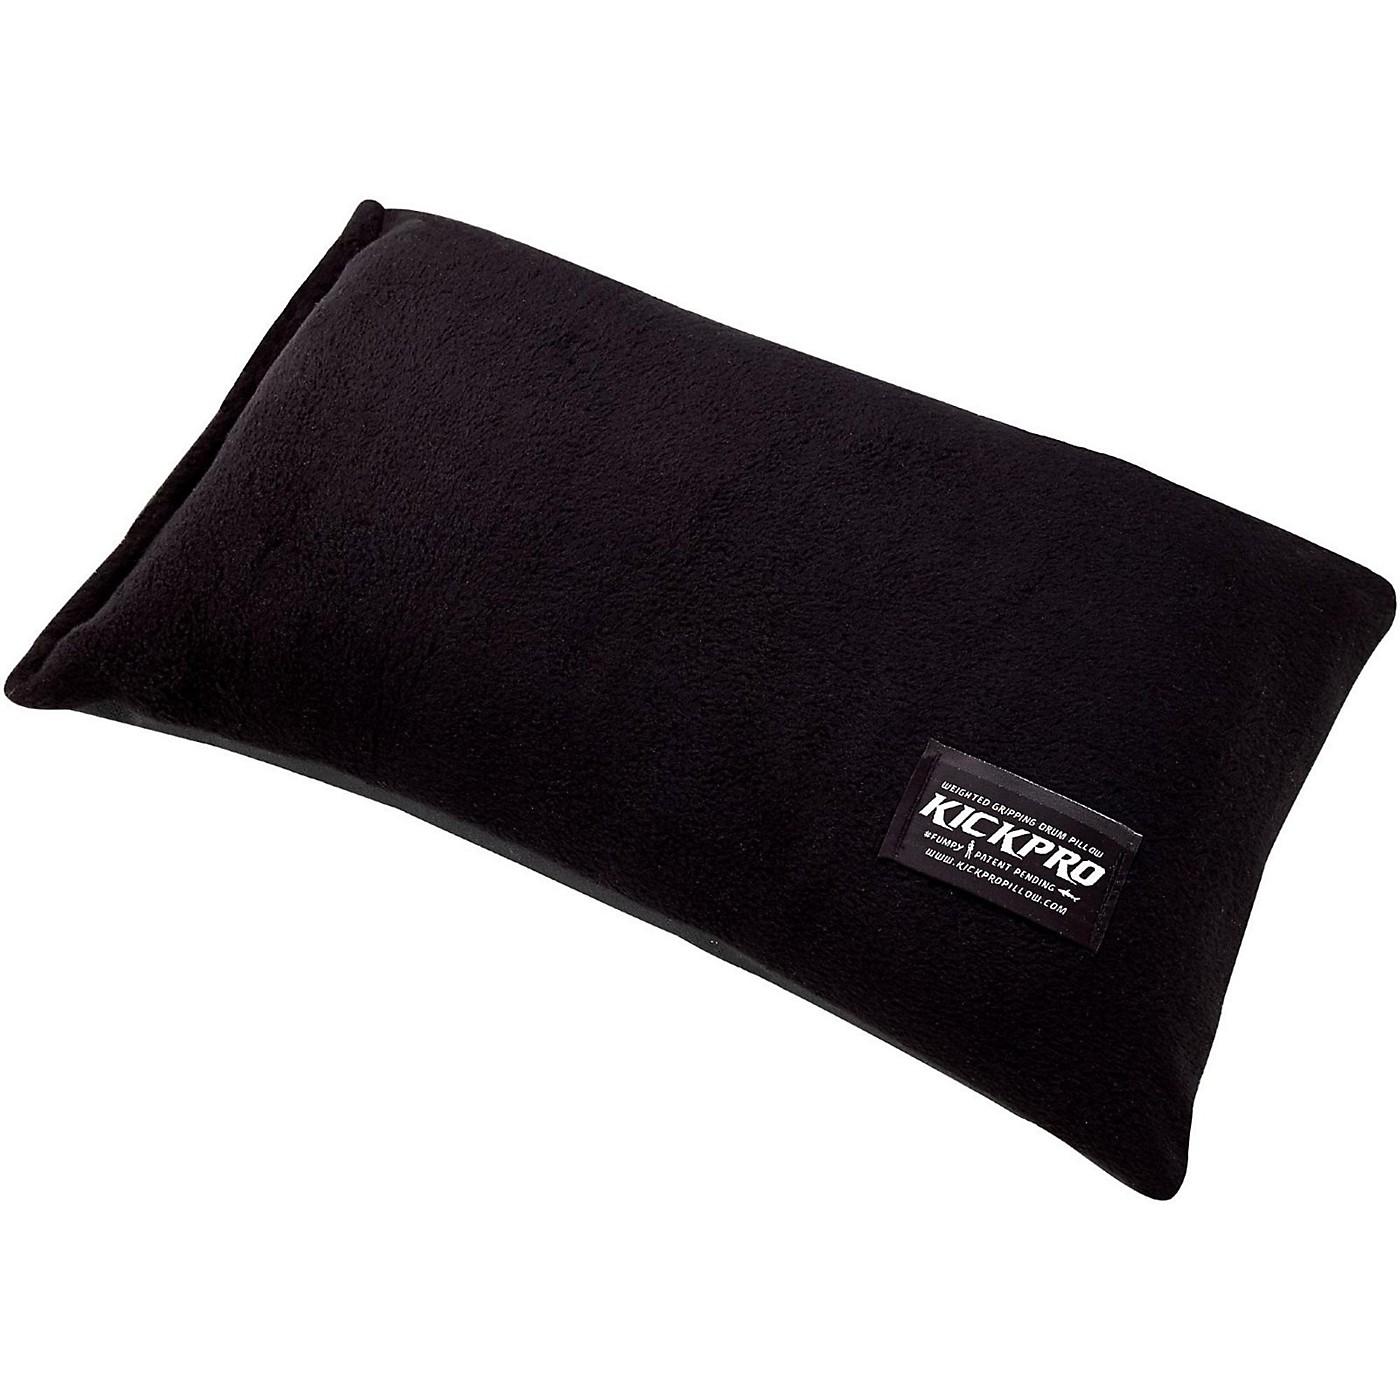 KickPro Weighted Bass Drum Pillow thumbnail